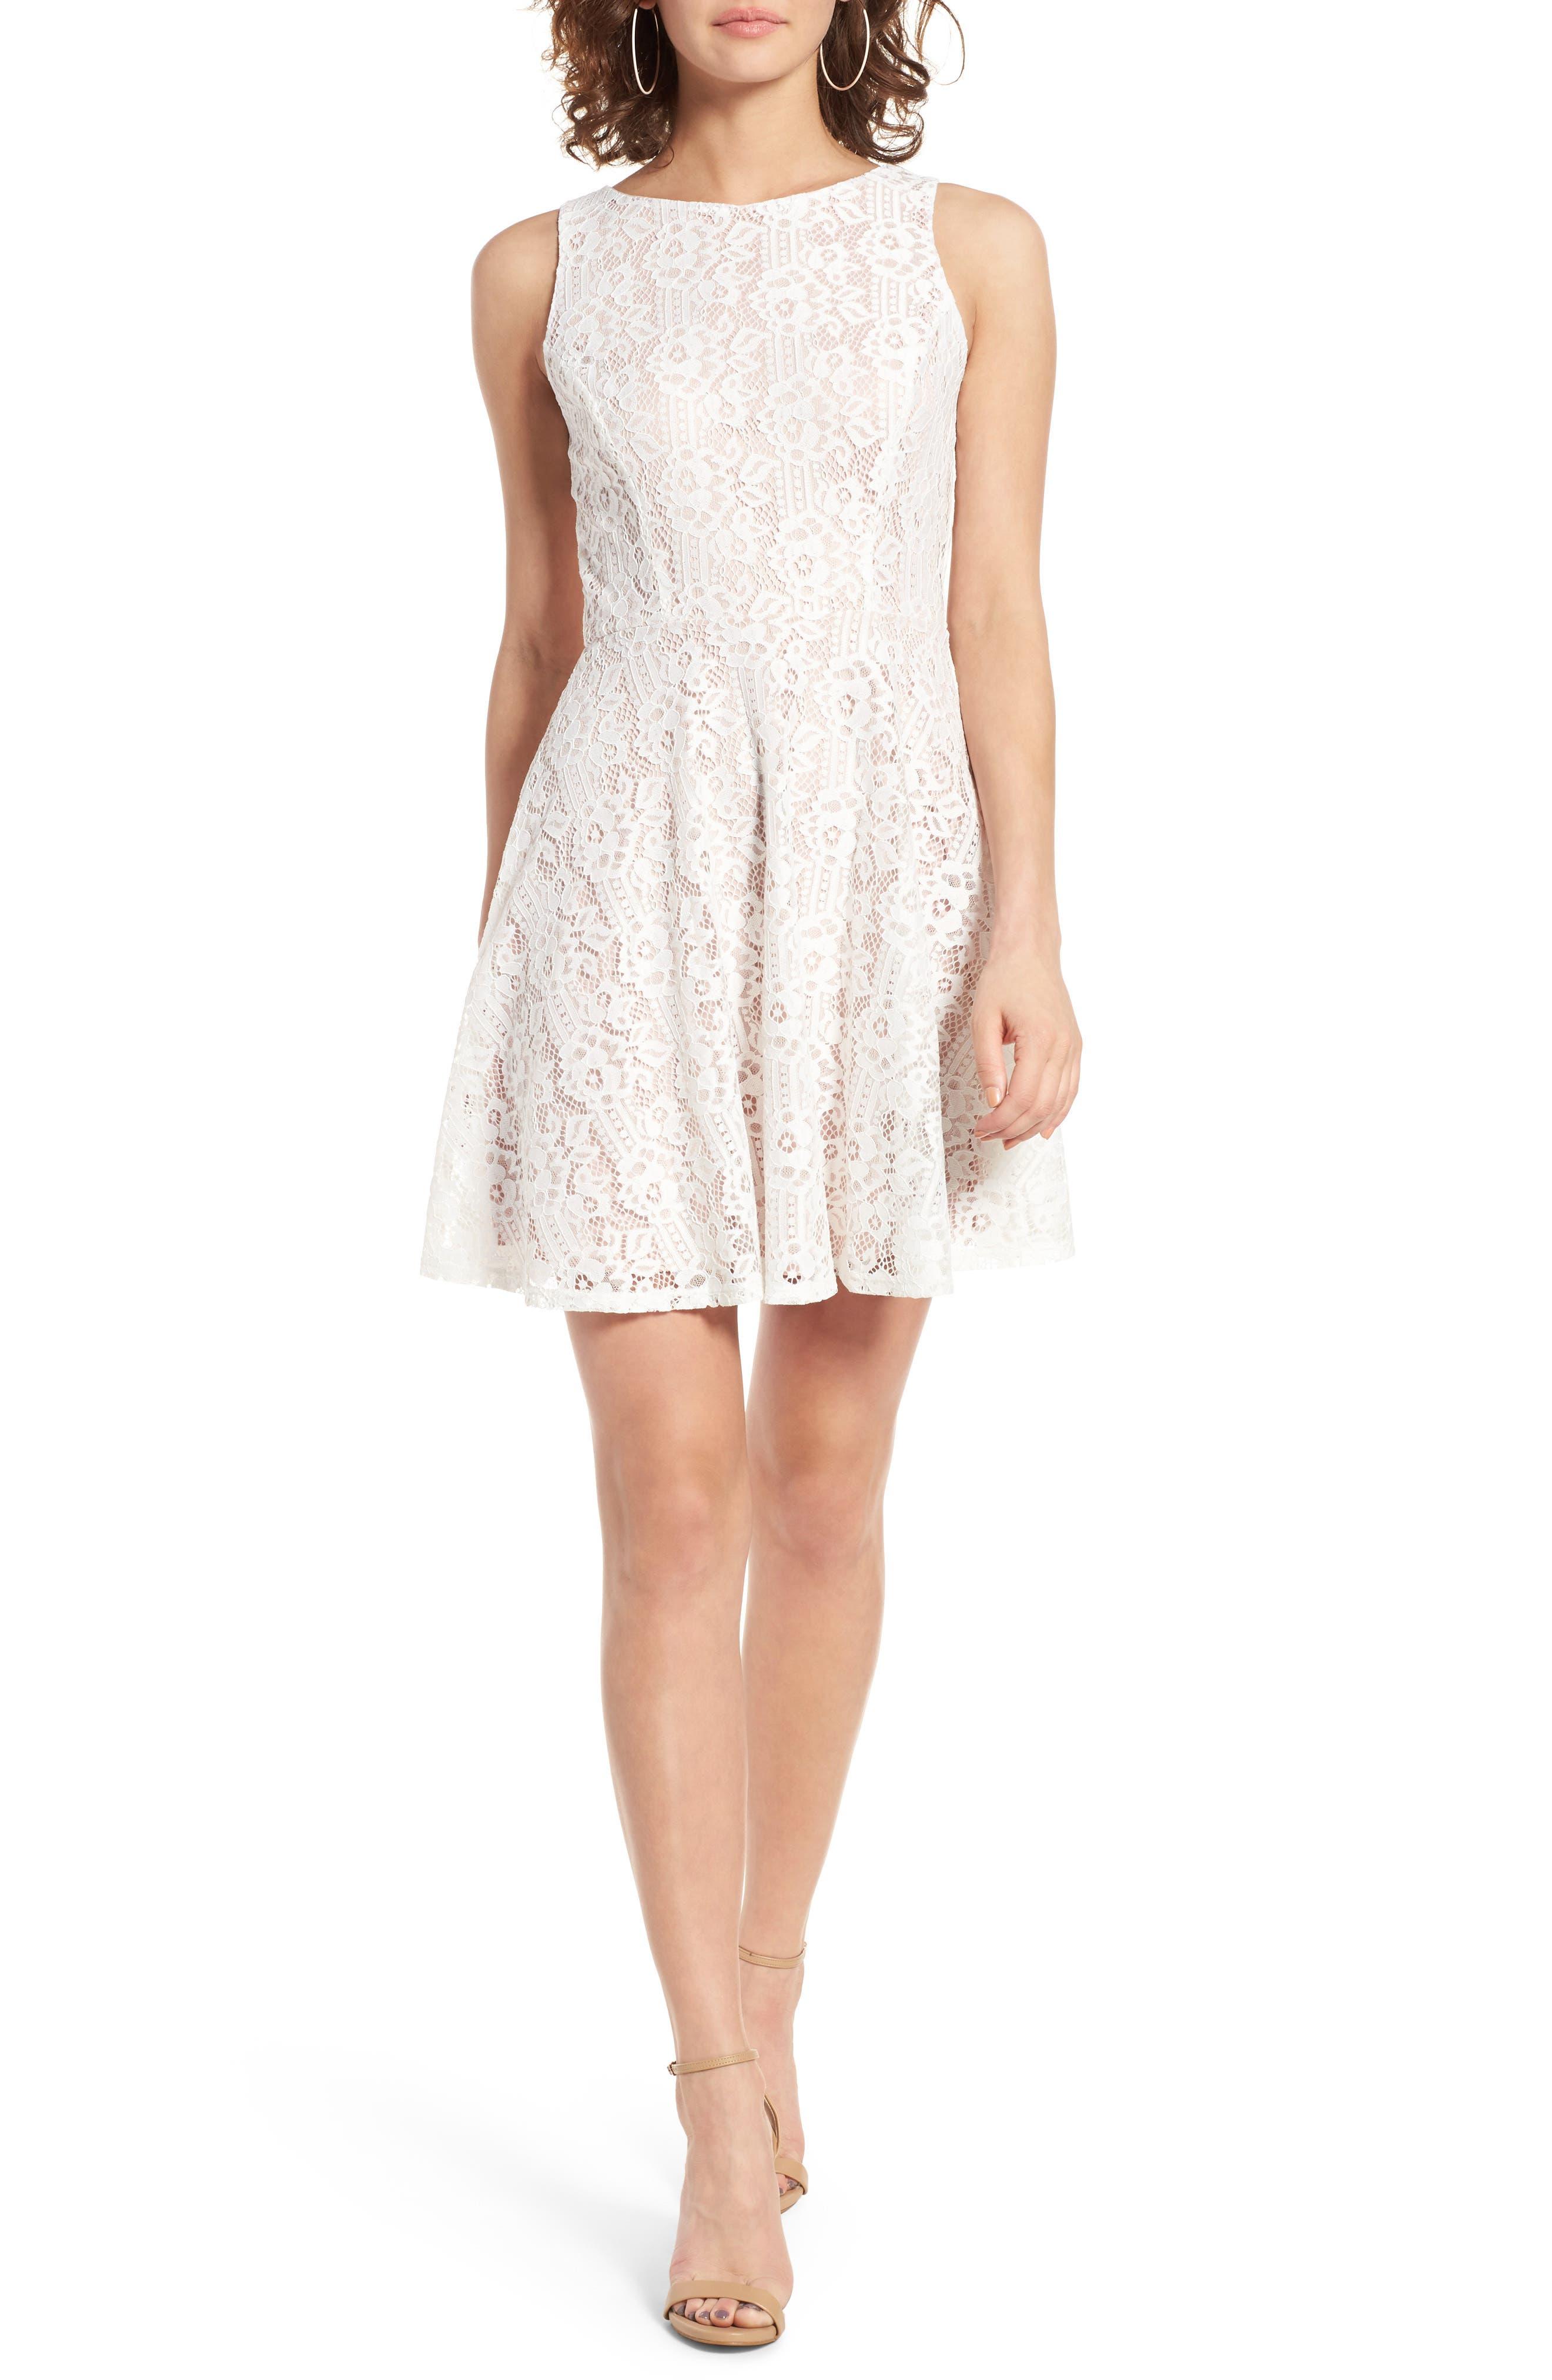 Alternate Image 1 Selected - Speechless Lace Skater Dress